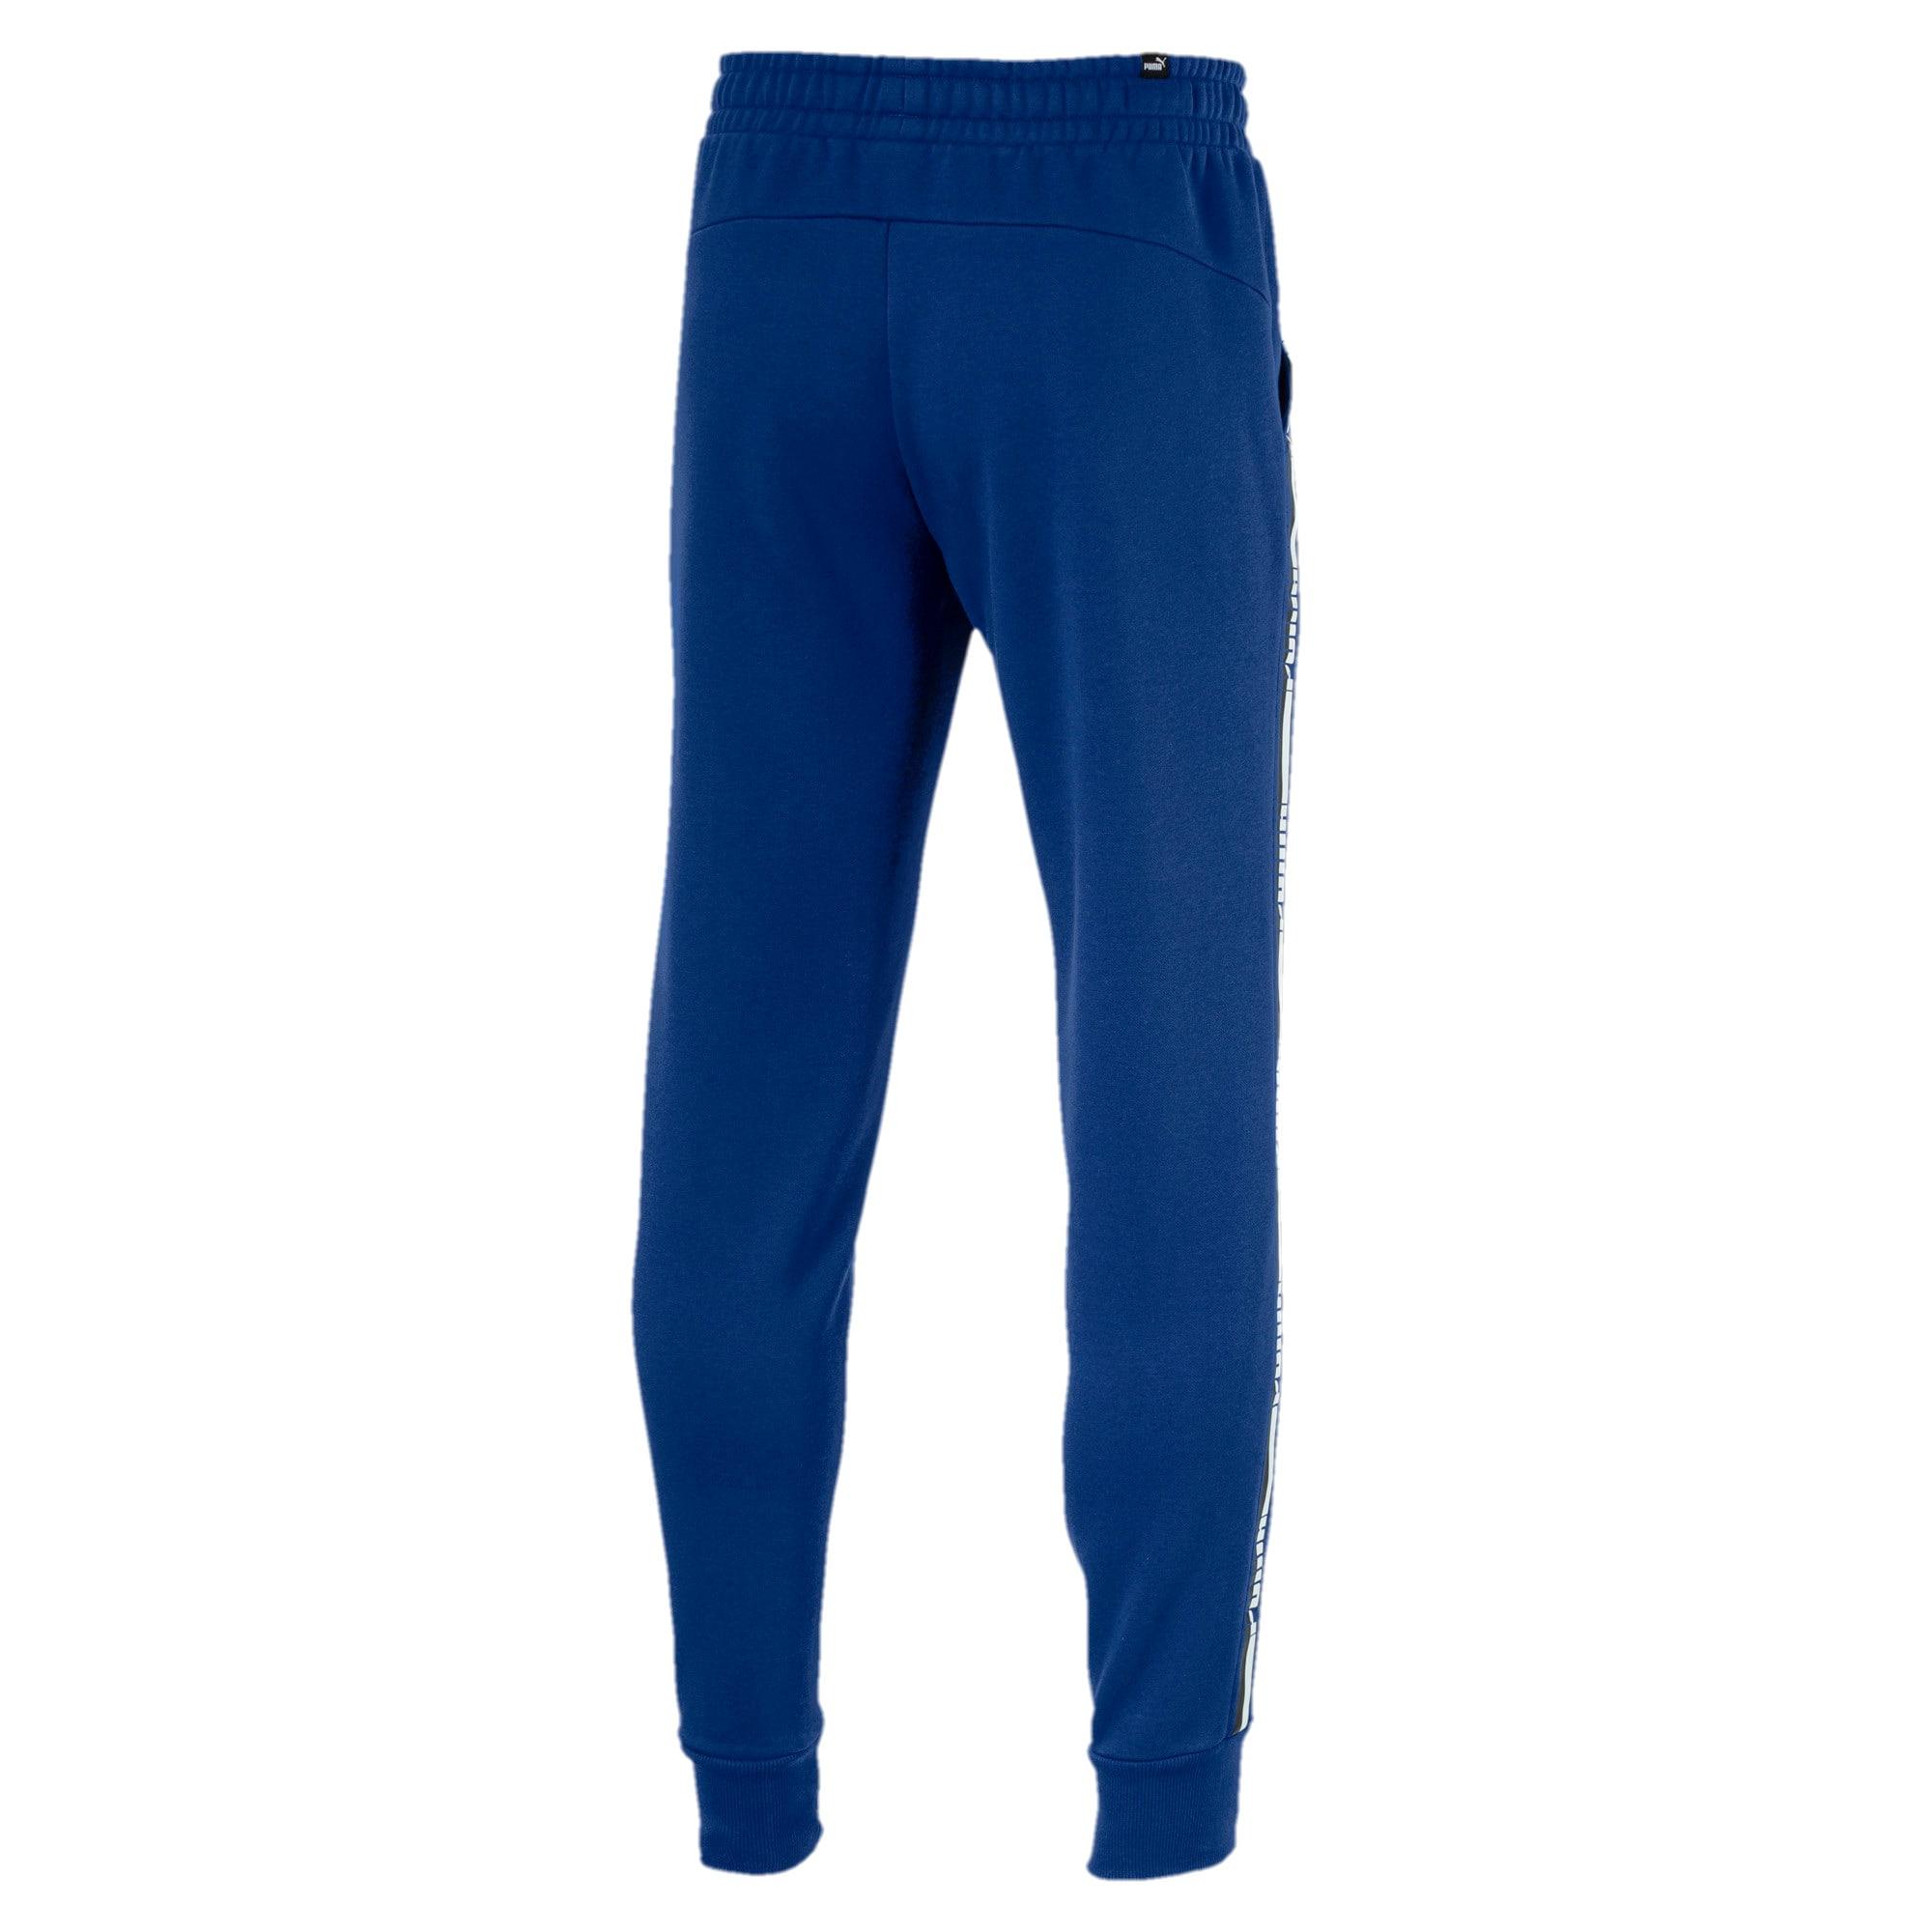 Thumbnail 3 of Tape Men's Pants, Sodalite Blue, medium